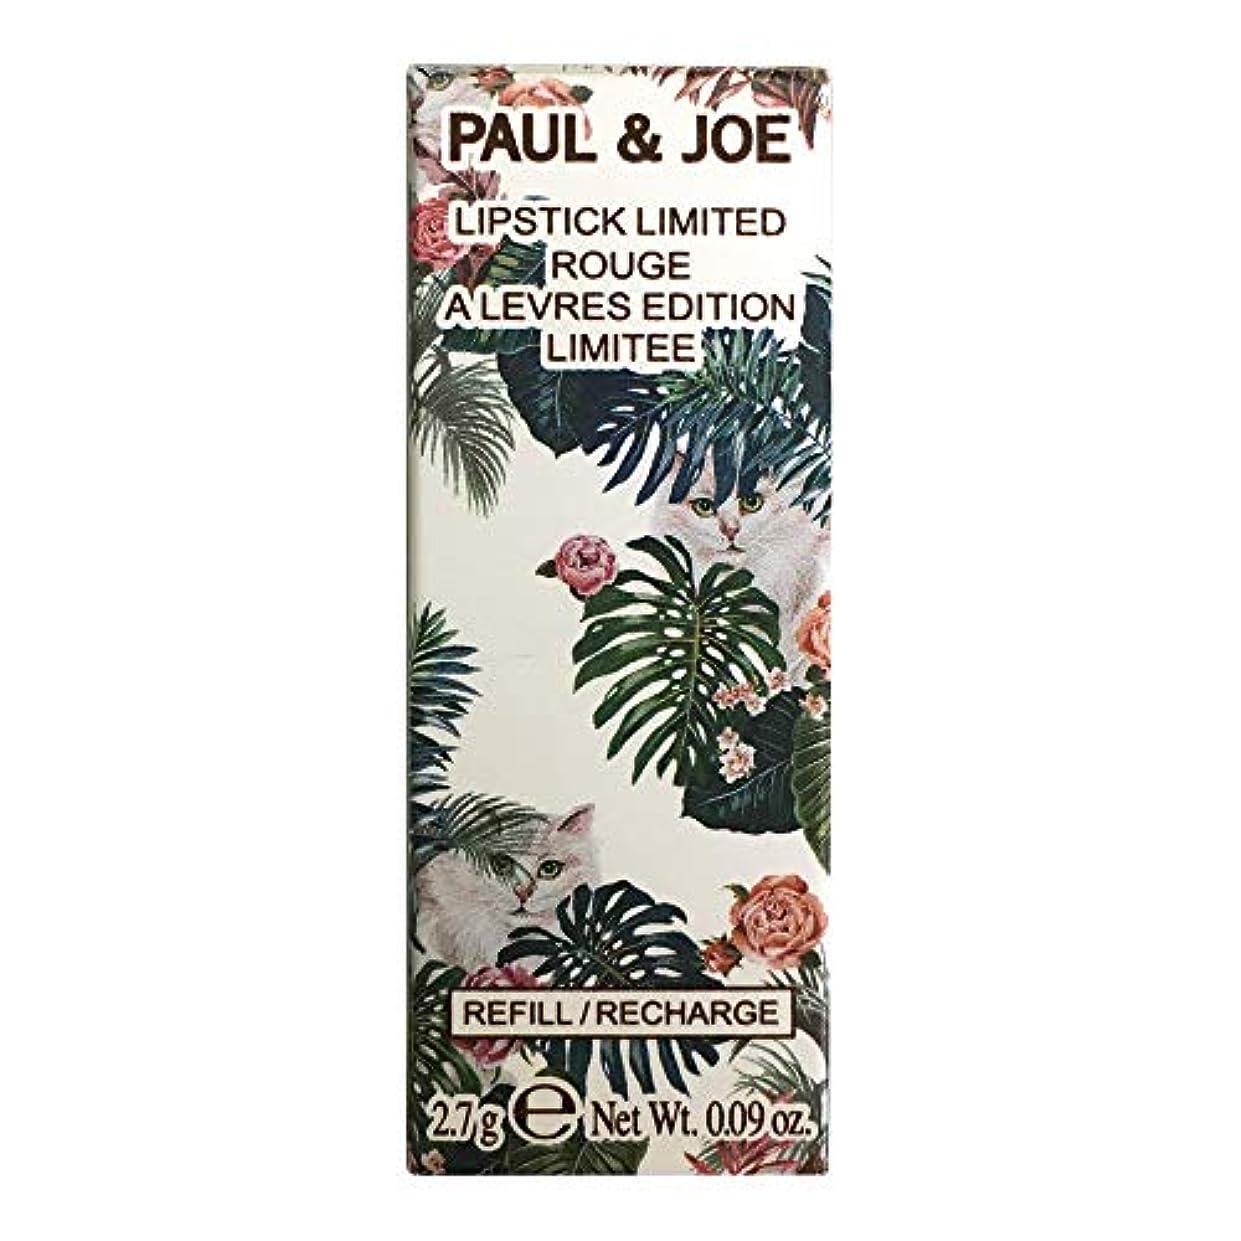 ブレーク頑固なハンカチポール & ジョー/PAUL & JOE リップスティック リミテッド #005(レフィル) (限定) [ 口紅 ] [並行輸入品]